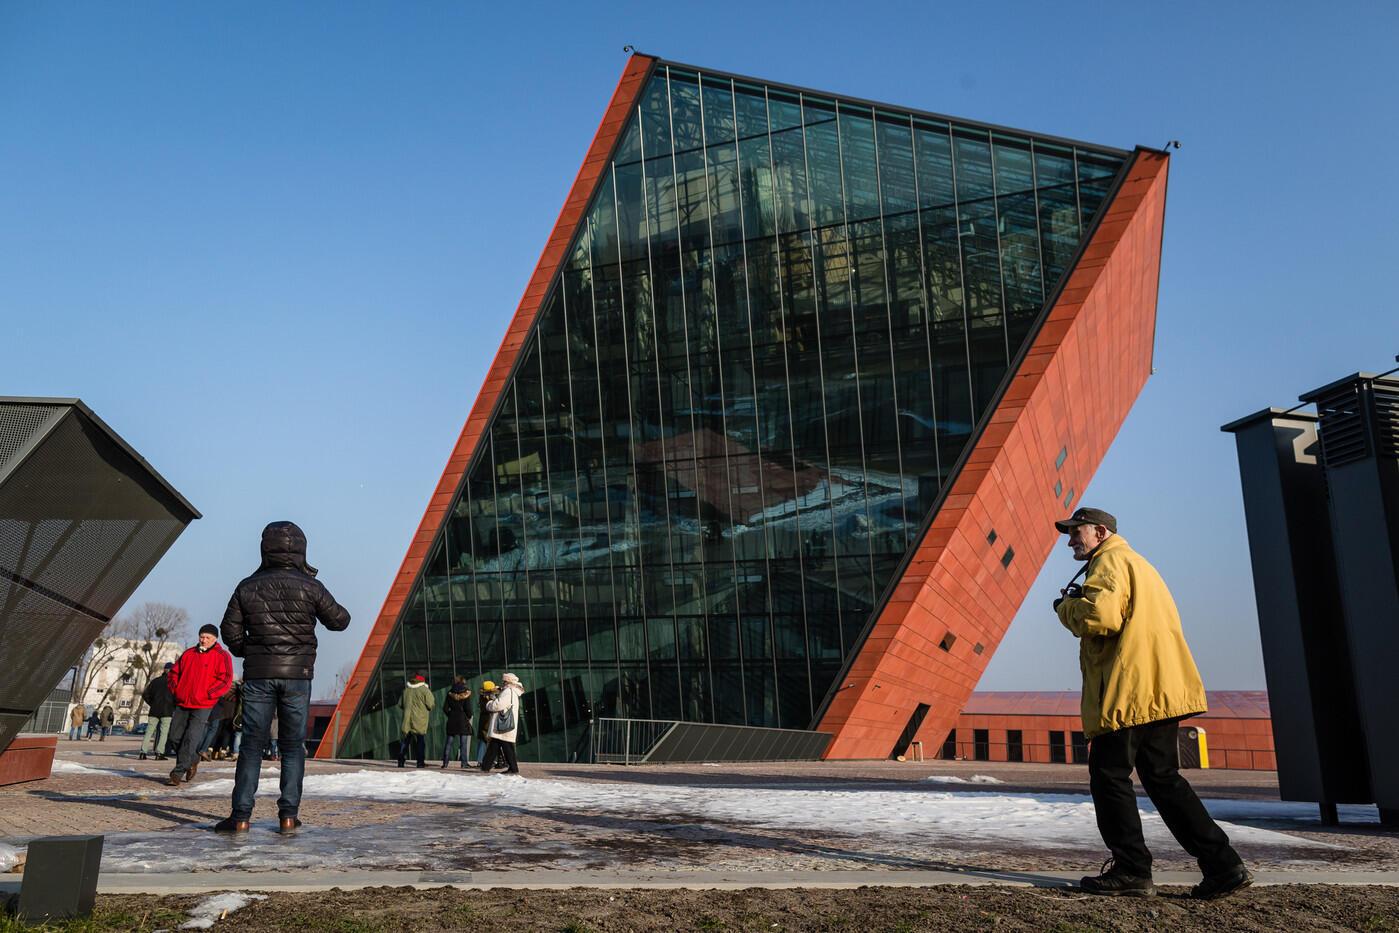 Le Musée de la Seconde guerre mondiale à Gdansk qui déplait tant au conservateurs au pouvoir en Pologne.